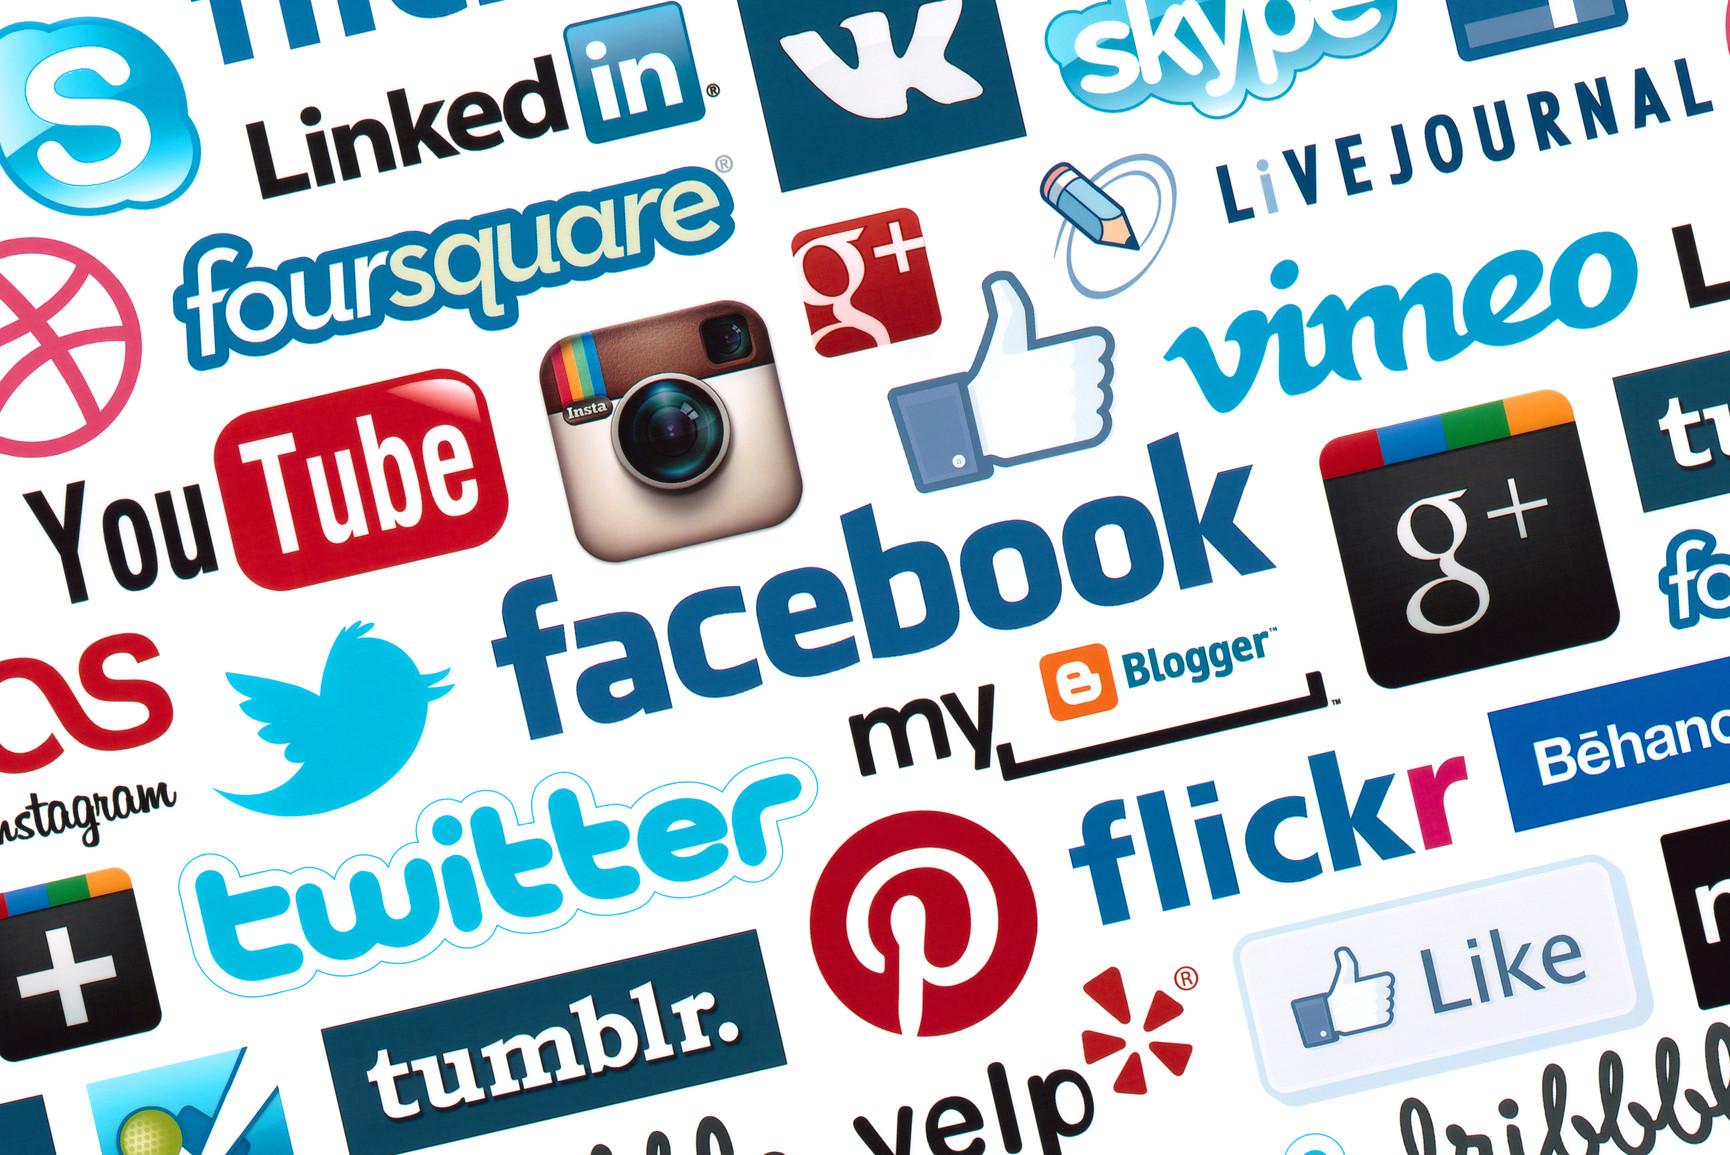 सामाजिक सञ्जाललाई अब उद्योगको मान्यता